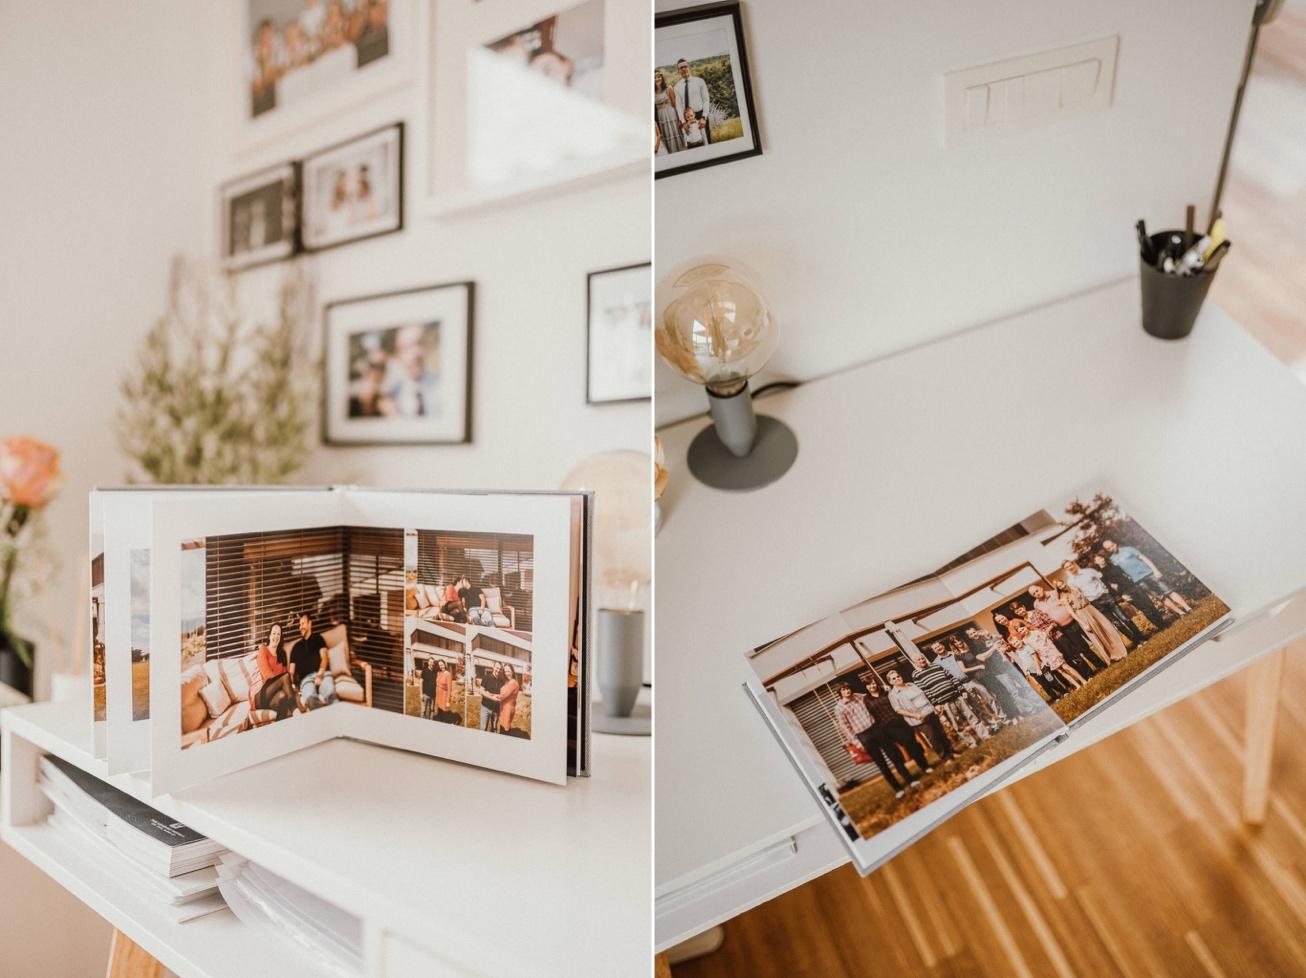 tomaz kos weddings books album prints 14